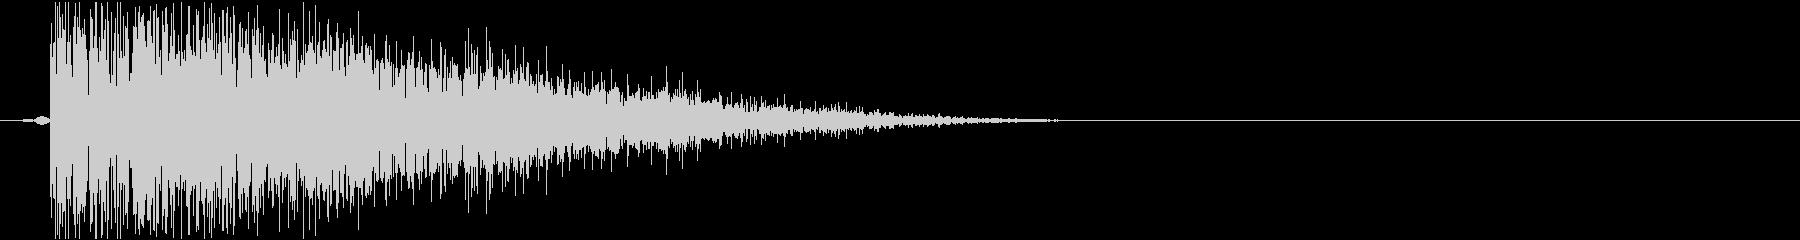 カーソル音_決定音_長調-D-03_の未再生の波形